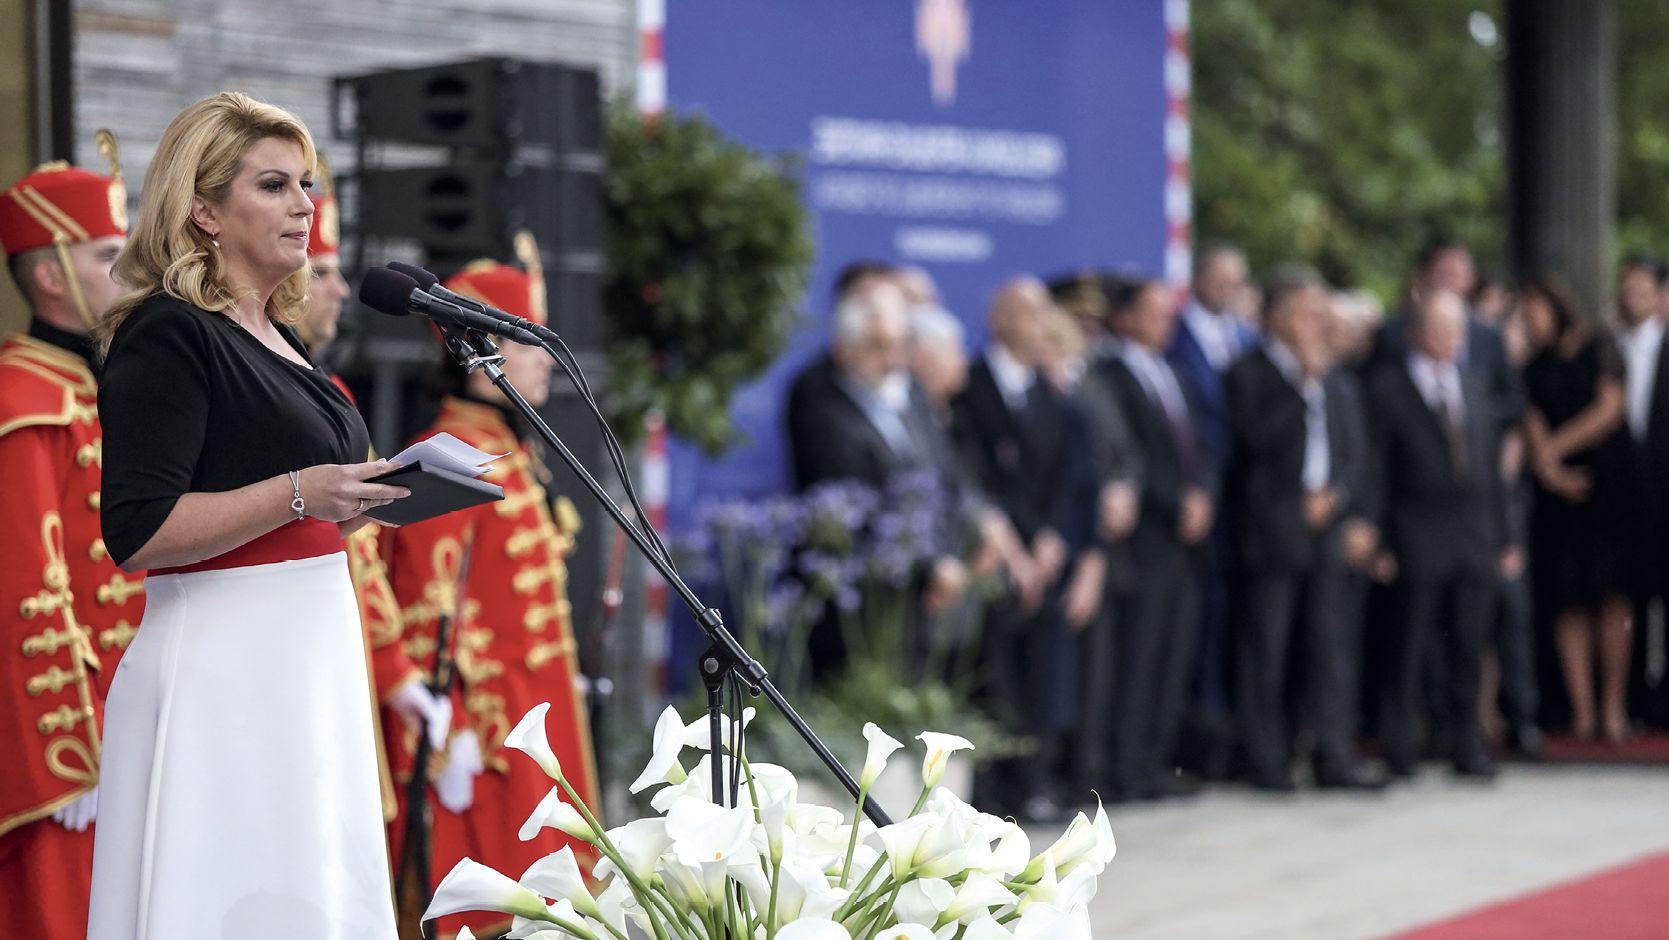 Predsjednica i premijer u tihom ratu za dominaciju u vanjskoj politici